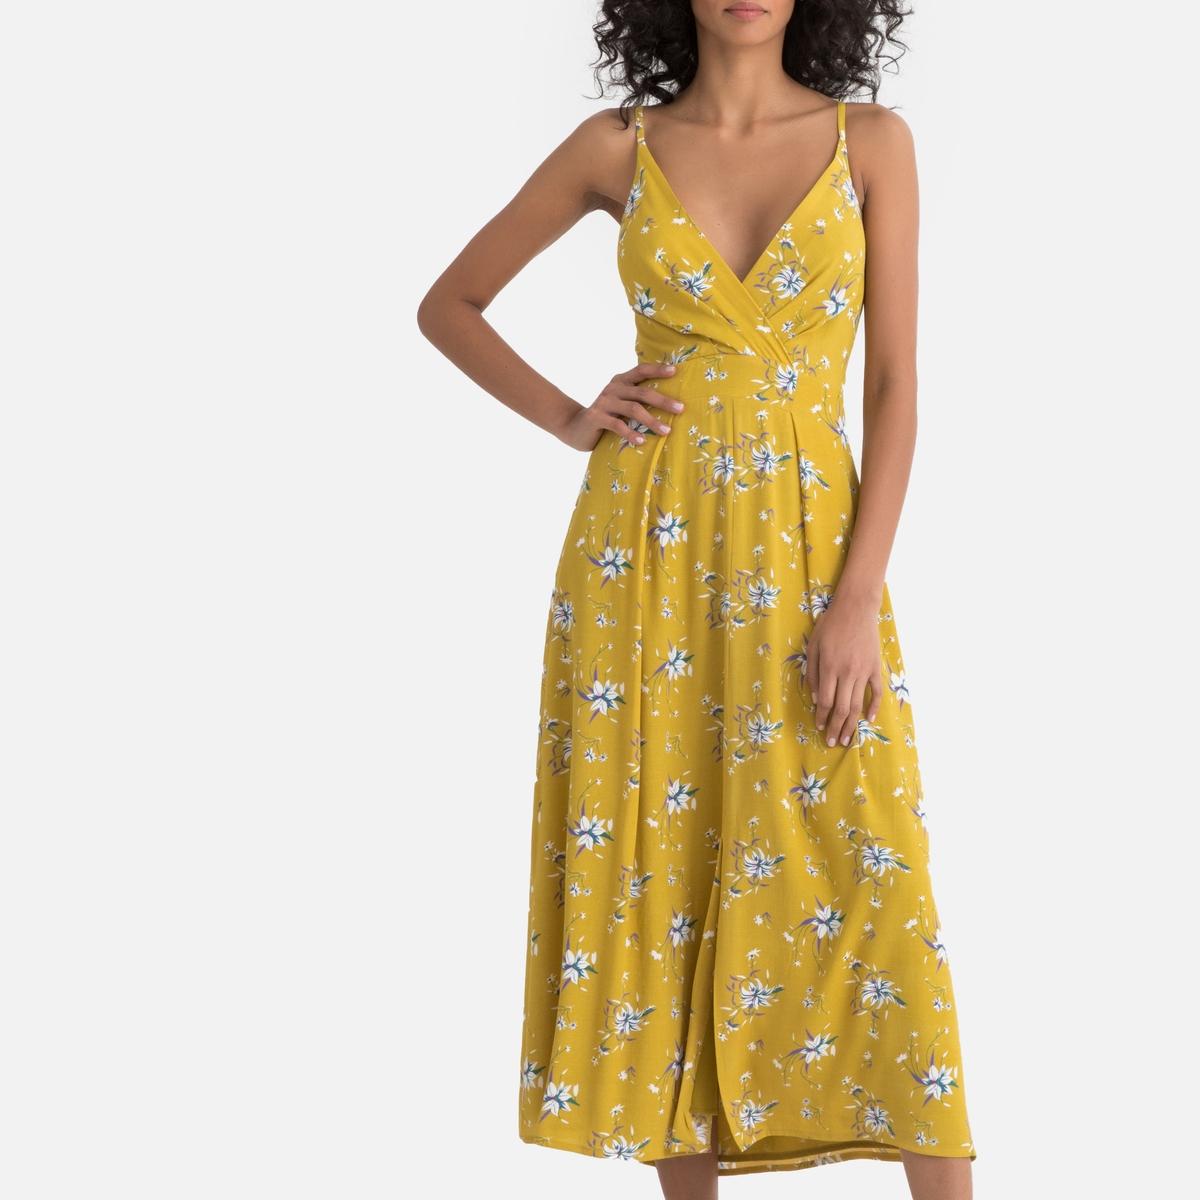 Платье La Redoute Длинное с цветочным рисунком открытой спинкой и завязками на бант сзади S желтый платье прямое с цветочным рисунком и контрастной полосой сзади